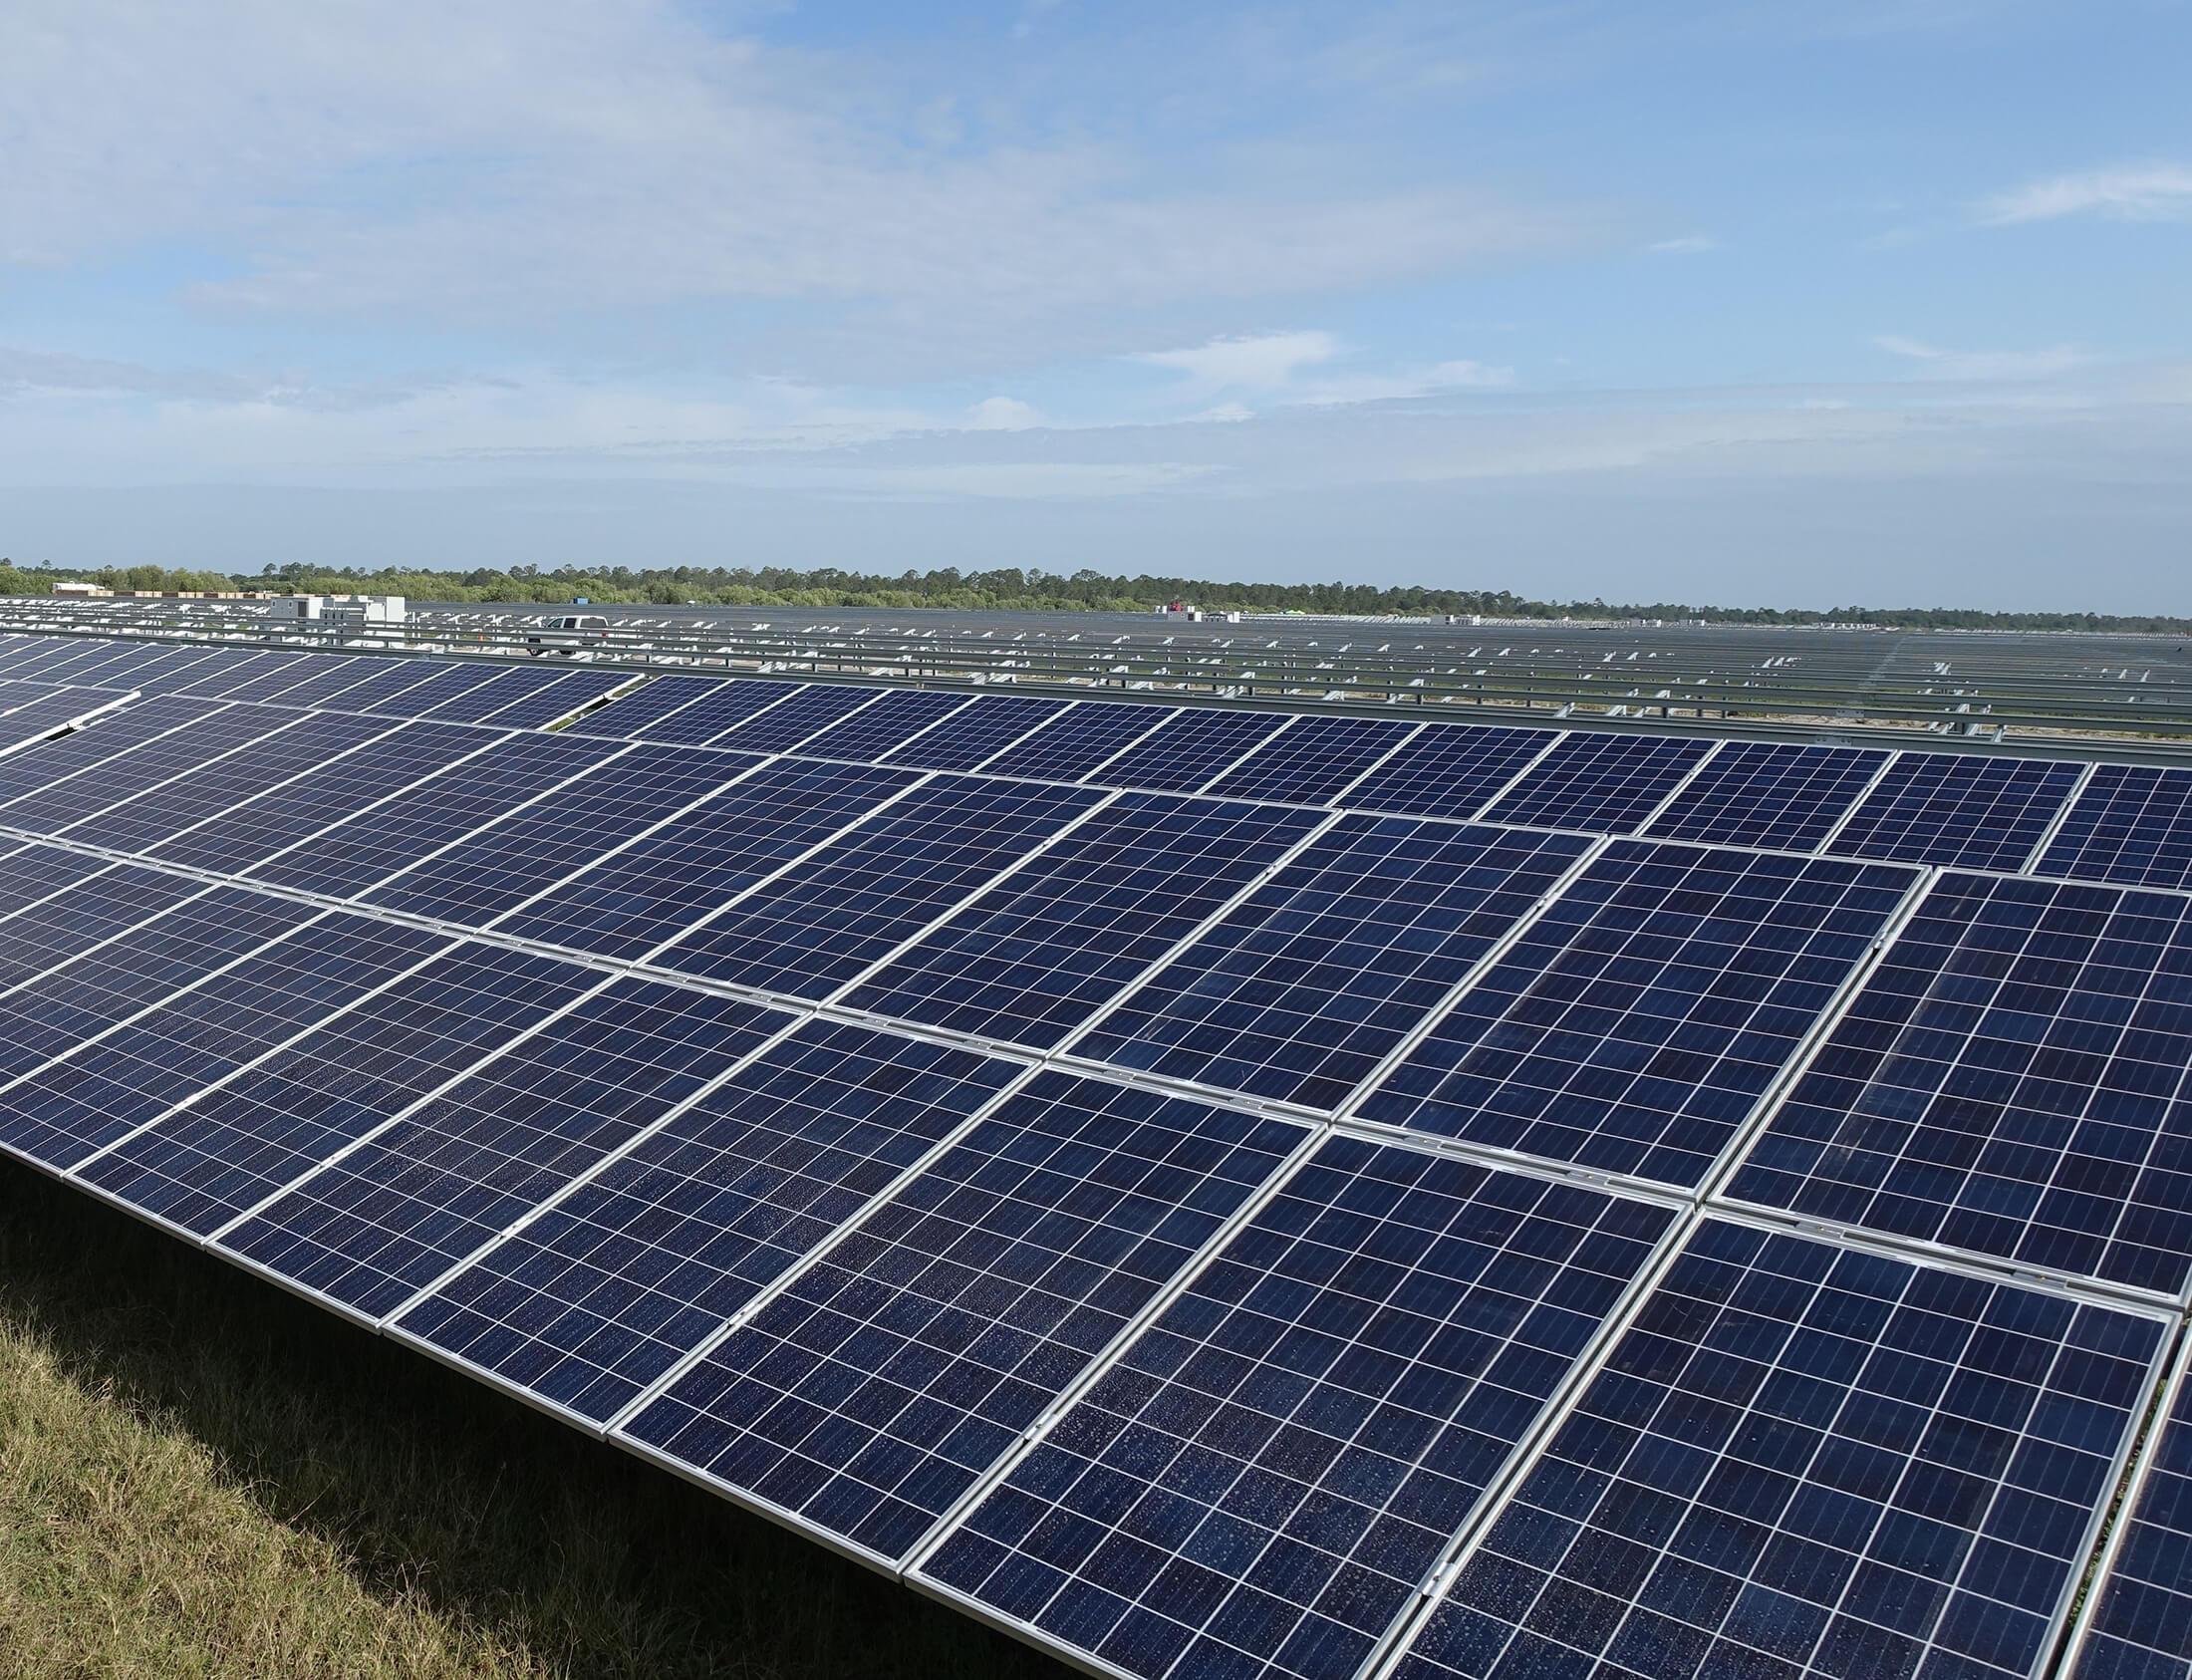 کاهش آلایندههای زیست محیطی با بهره برداری نیروگاه برق خورشیدی